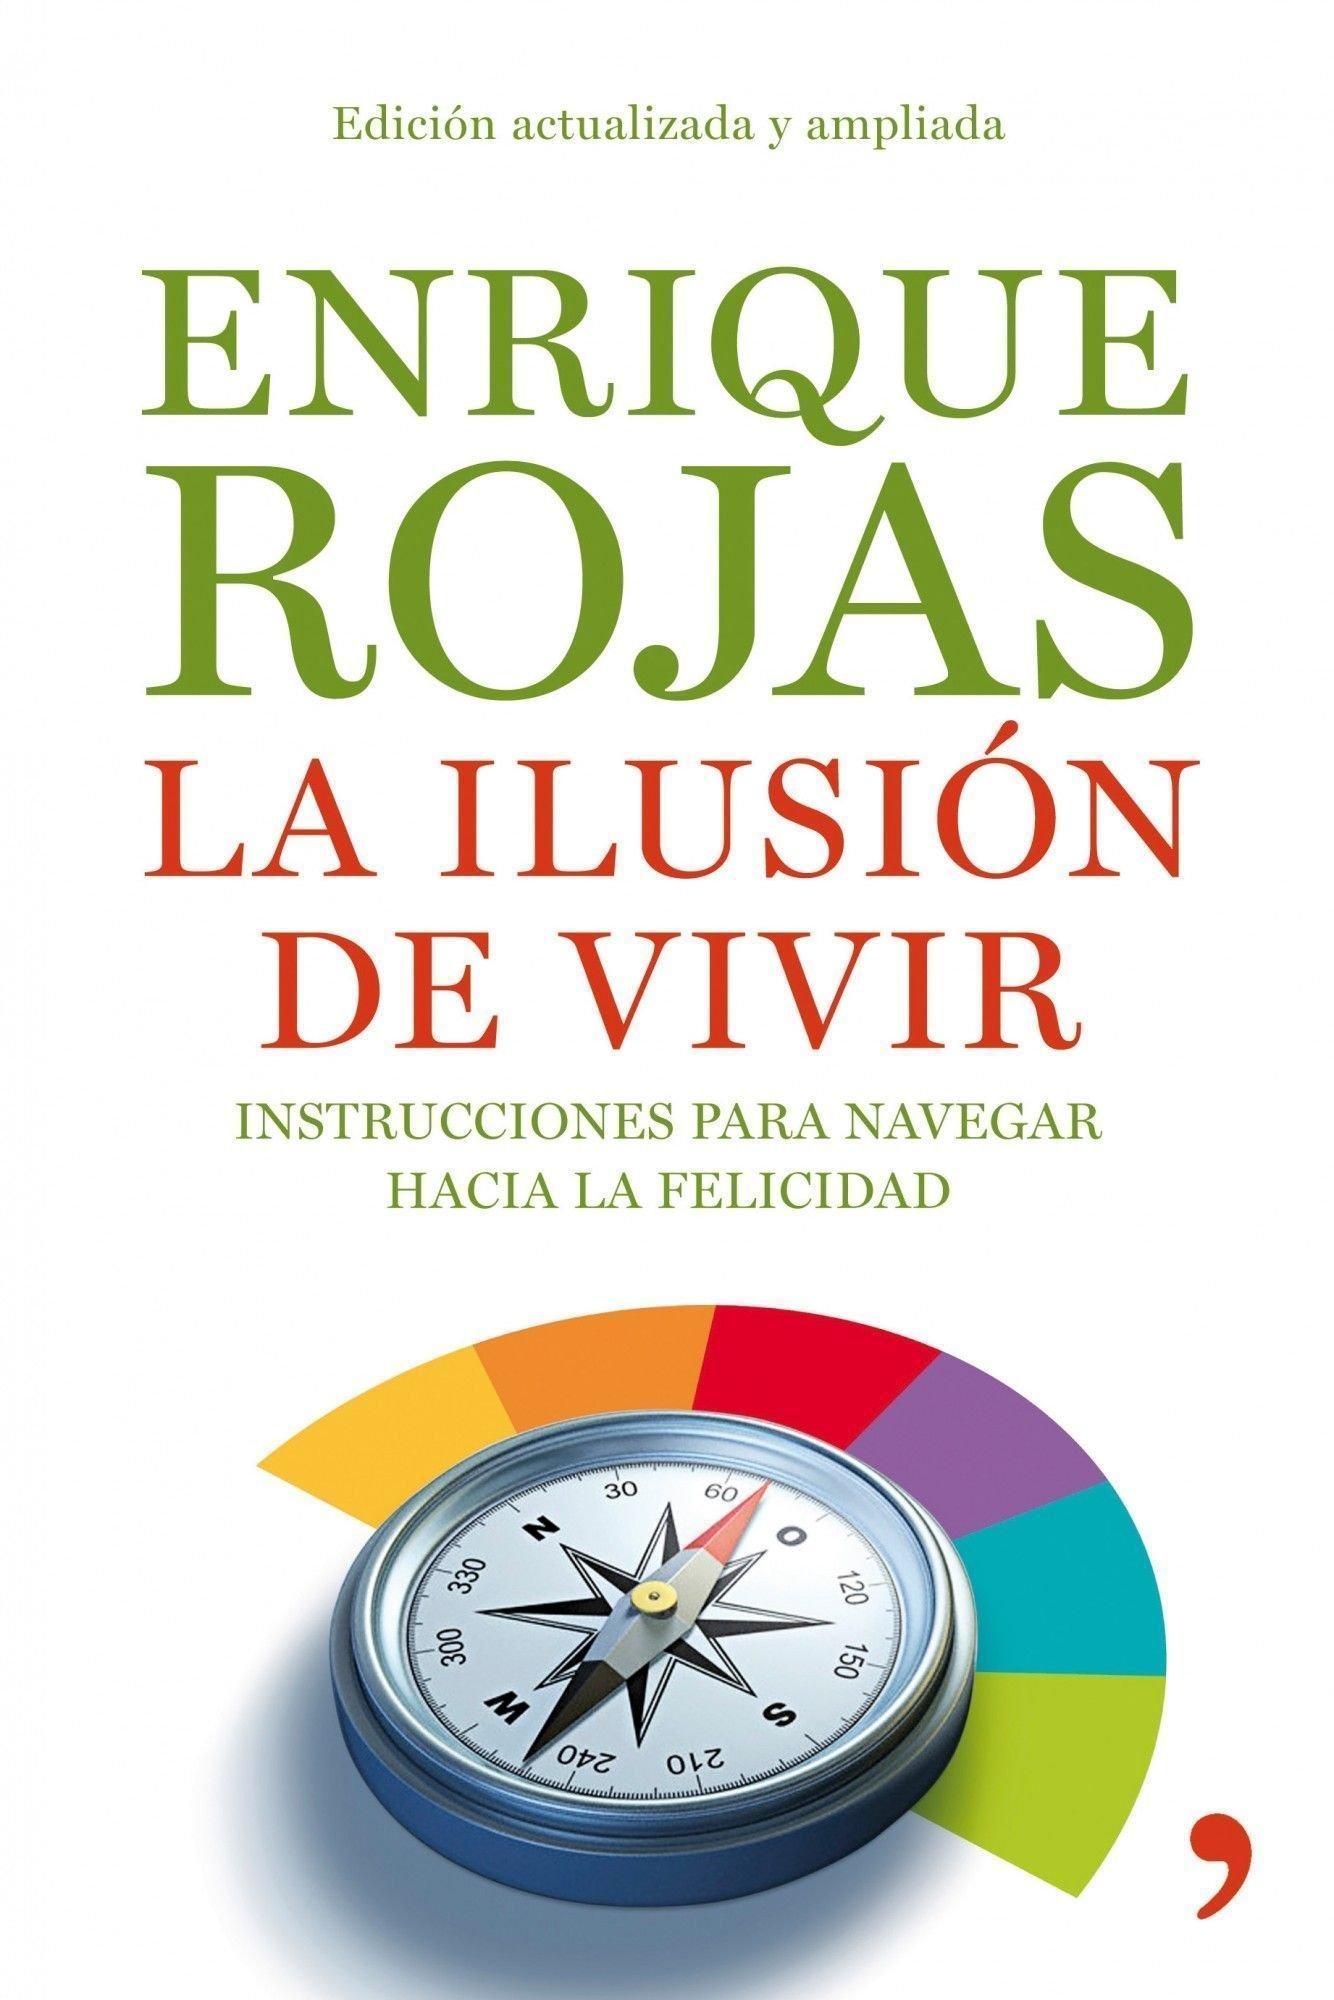 La ilusión de vivir: Instrucciones para navegar hacia la felicidad Vivir  Mejor: Amazon.es: Enrique Rojas: Libros